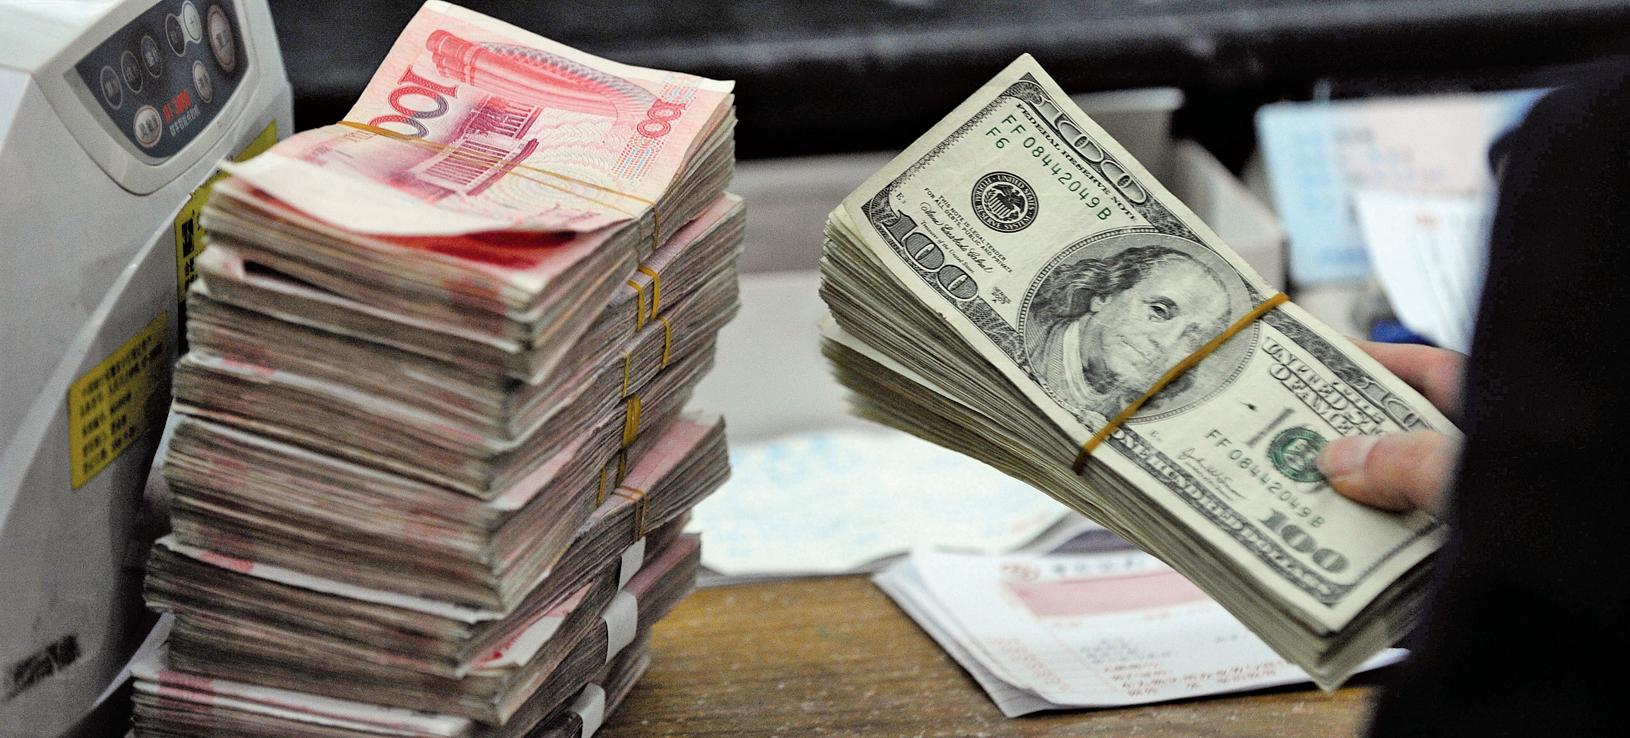 人民幣兌美元近來持續貶值破紀錄,市場看空氣氛濃厚。(Getty Images)